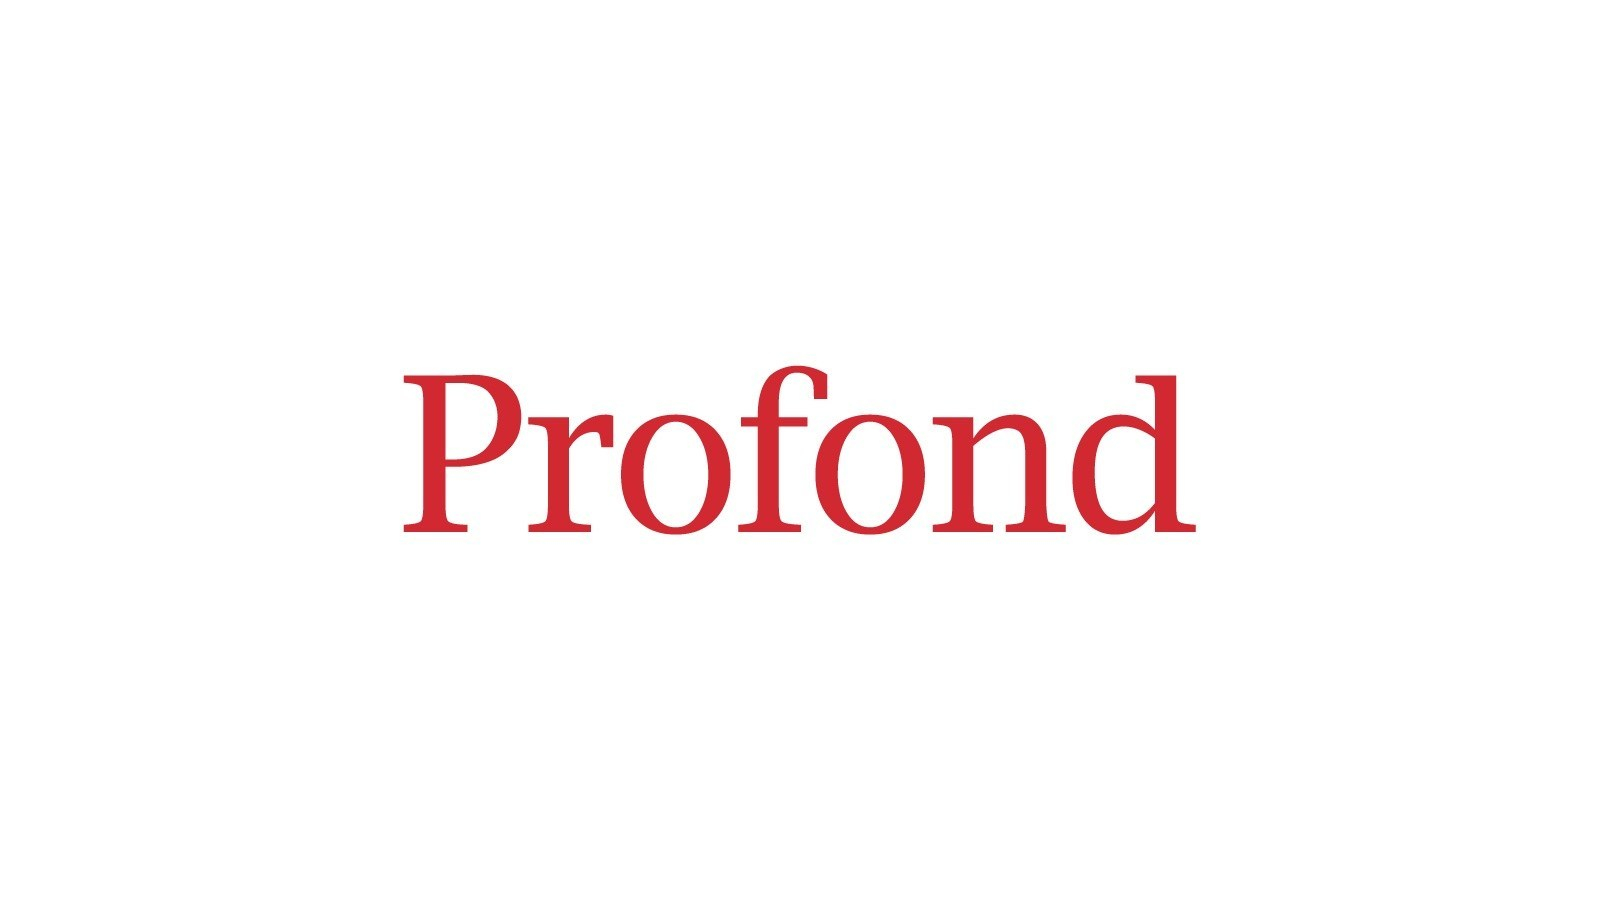 https://cdn2.hubspot.net/hubfs/6100123/profond-logo-190x41px-rgb-red-e1551801092721.jpg